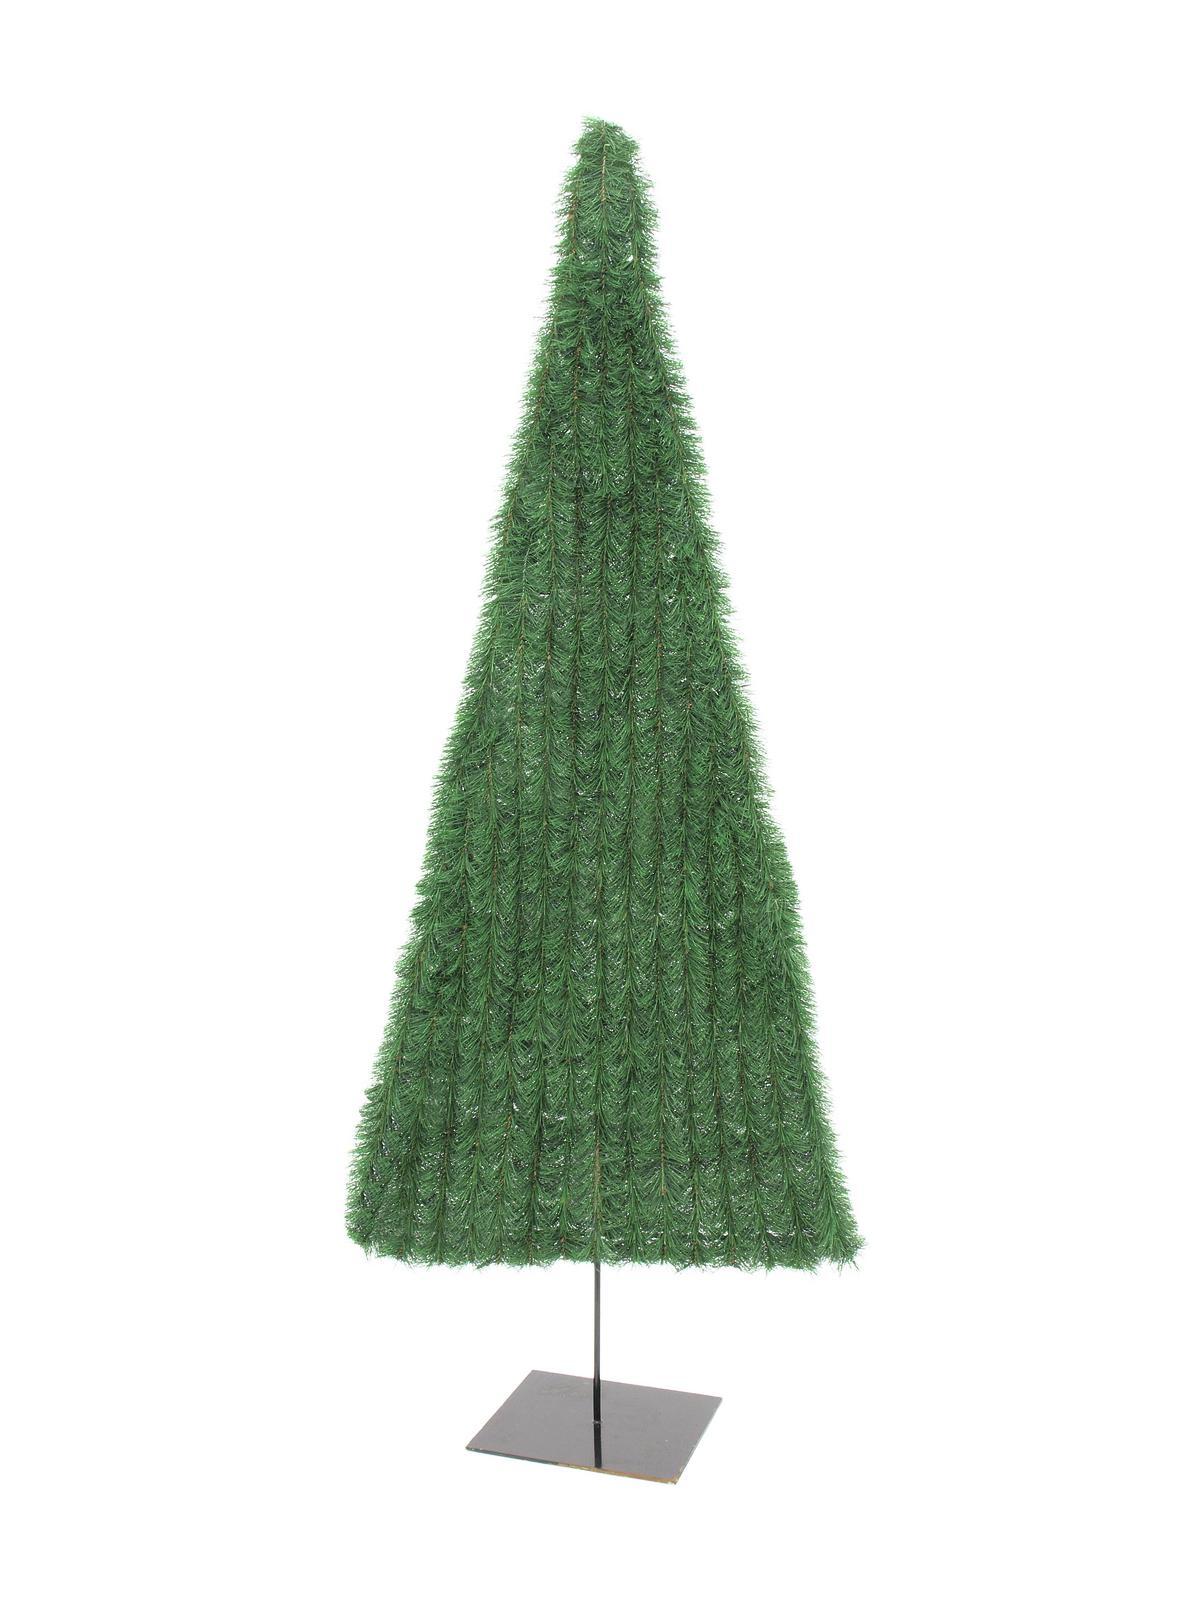 EUROPALMS pianta artificiale Abete, piatto, verde chiaro, 120cm